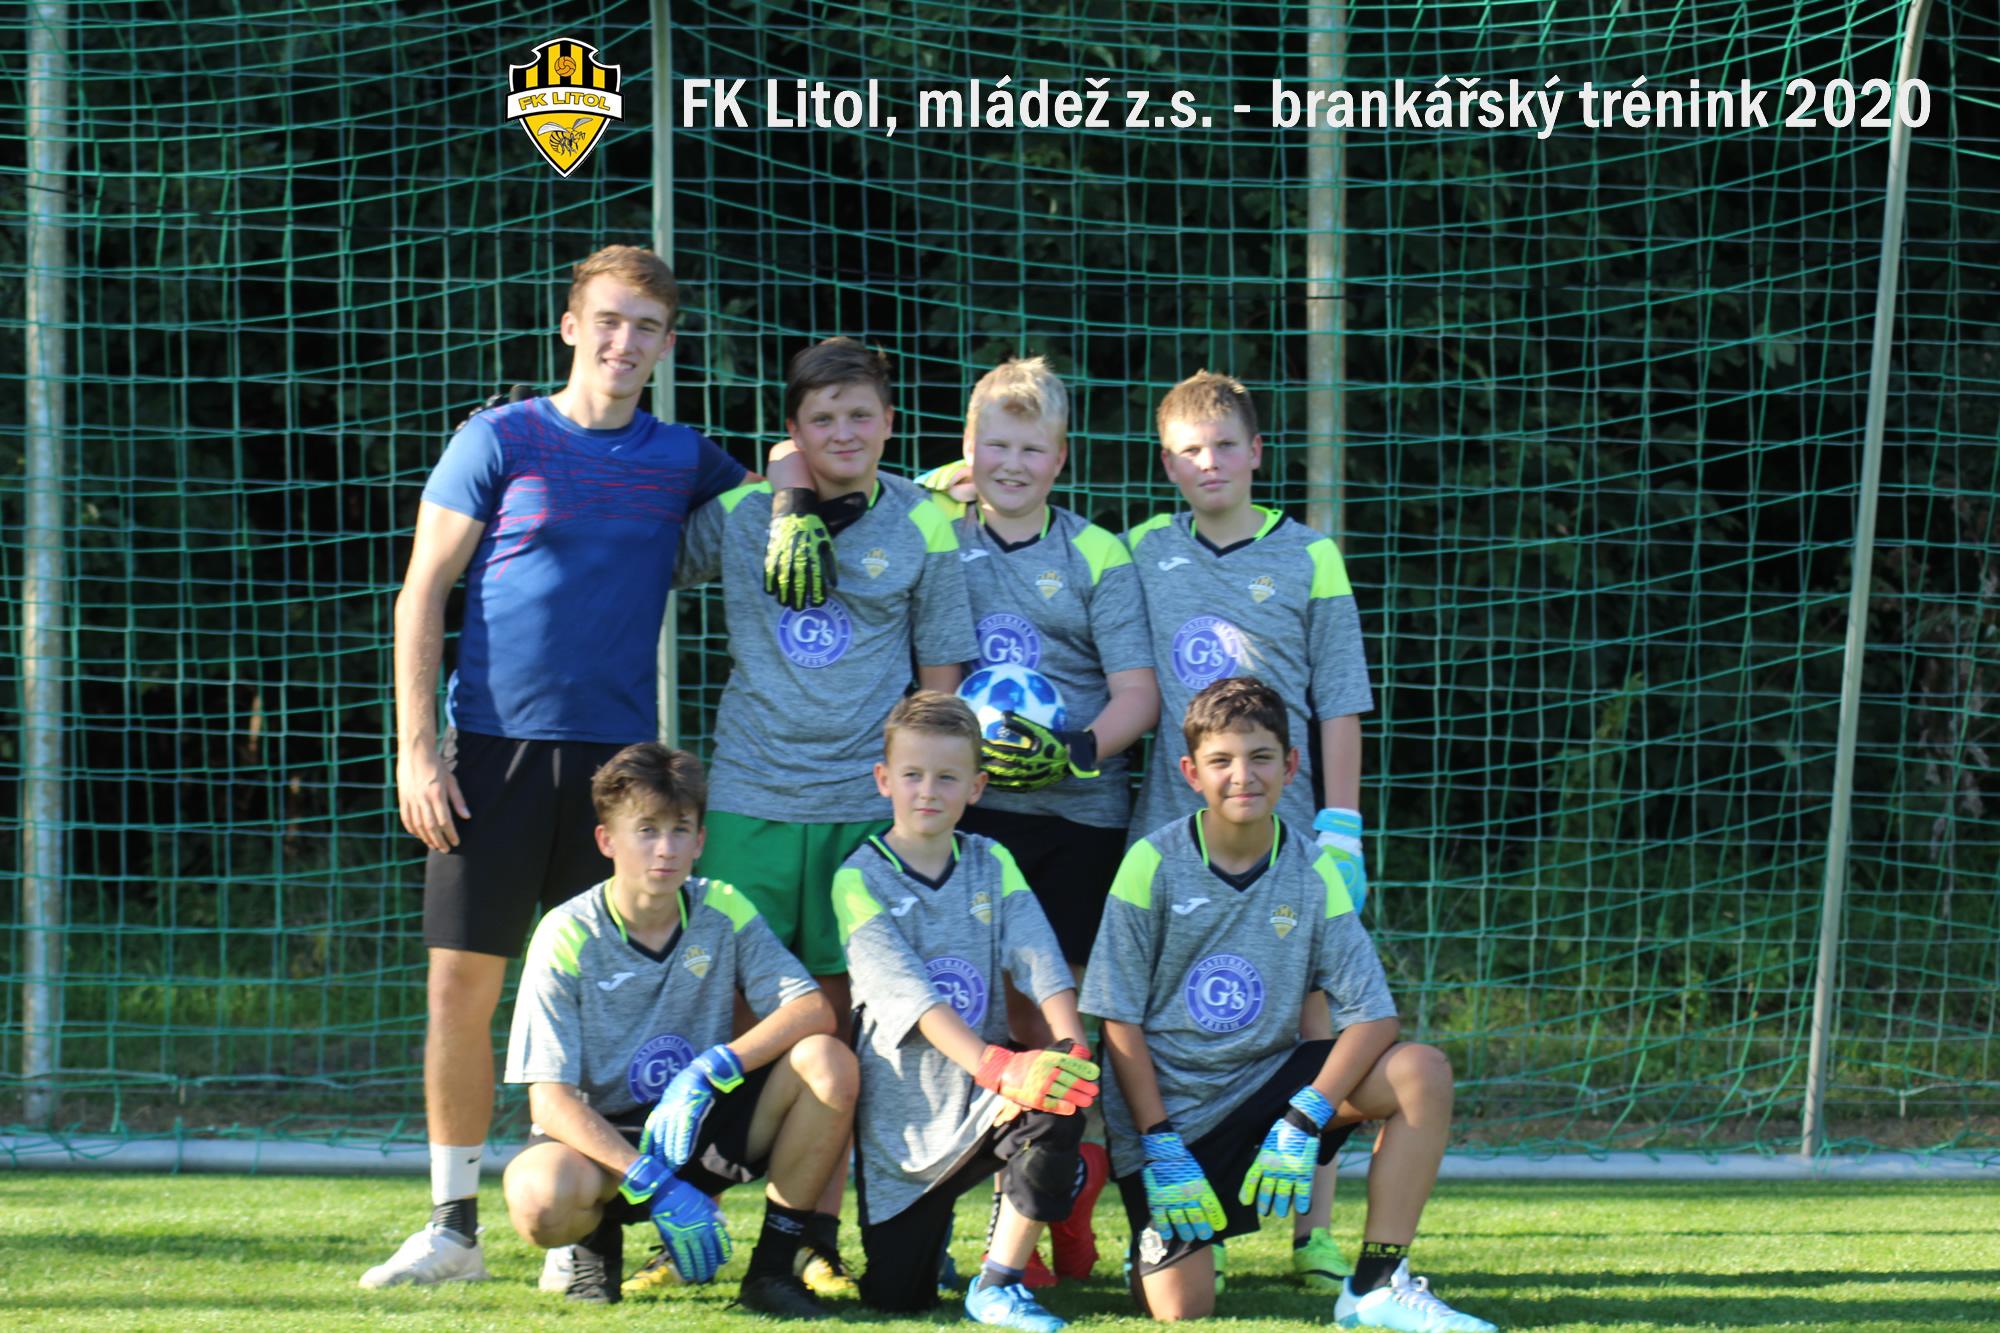 Brankářský tréninky - společné foto 09/2020